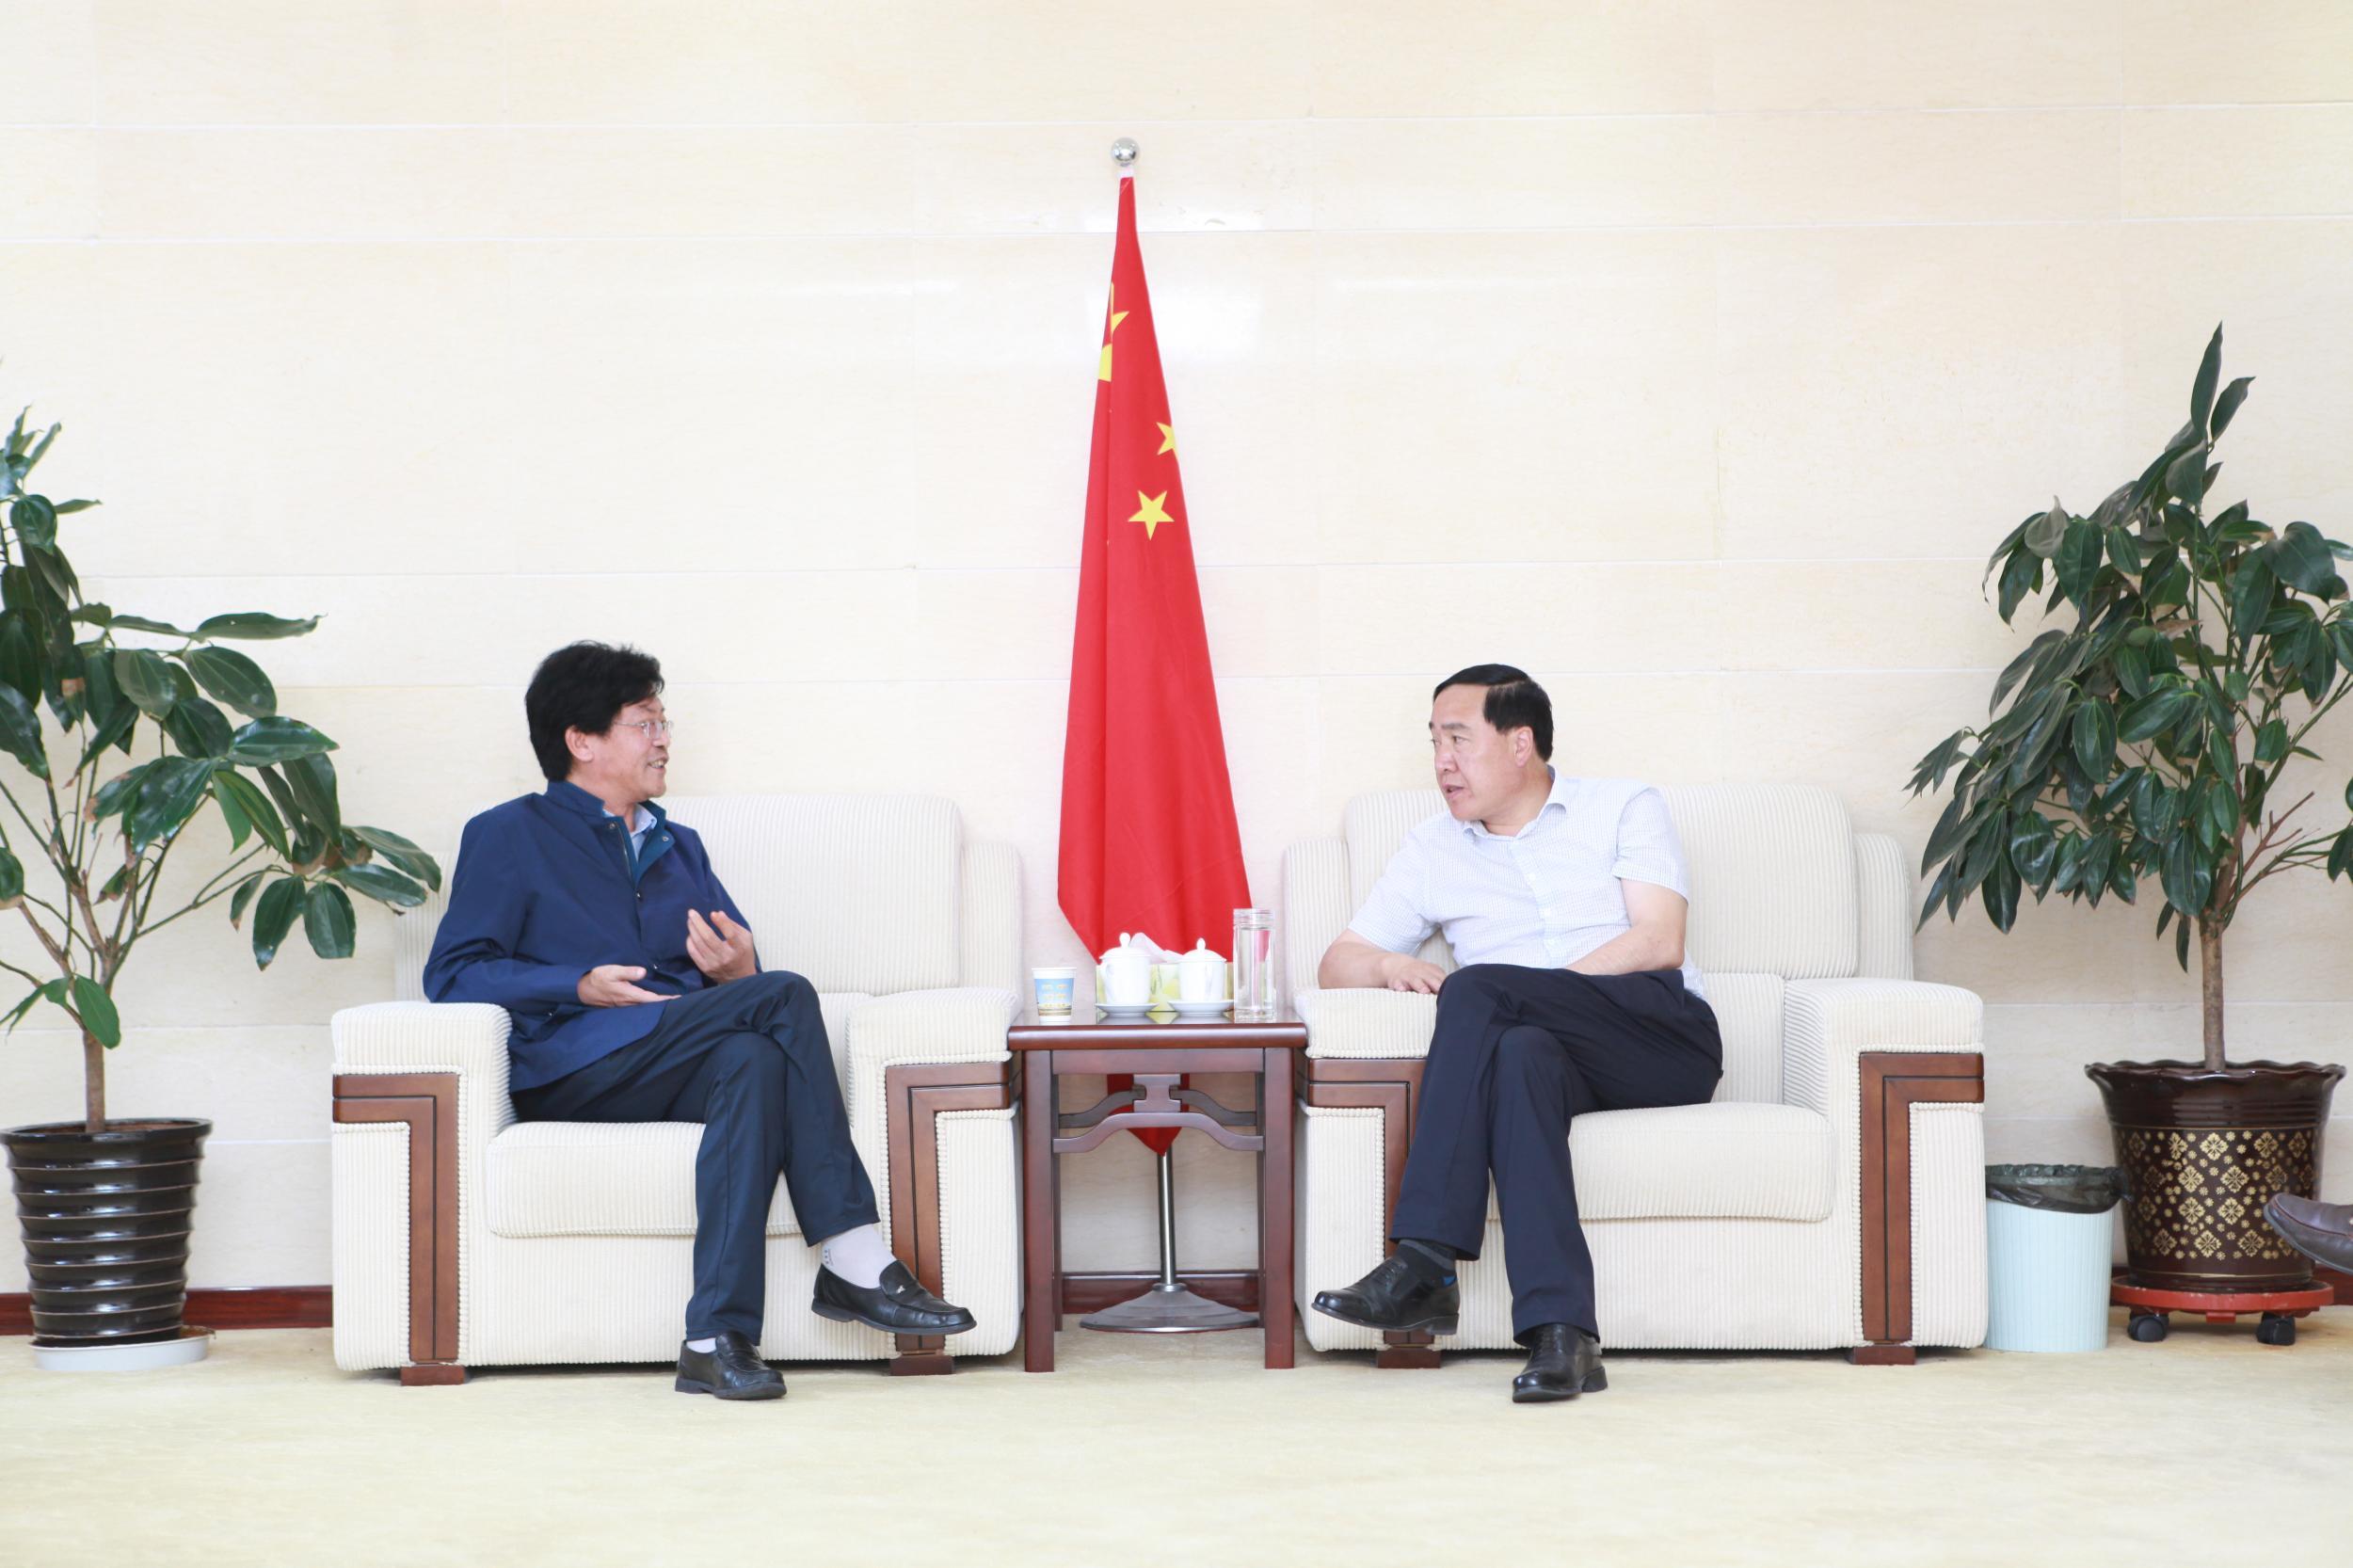 师存武会见河南特耐工程材料股份有限公司董事长张长喜一行